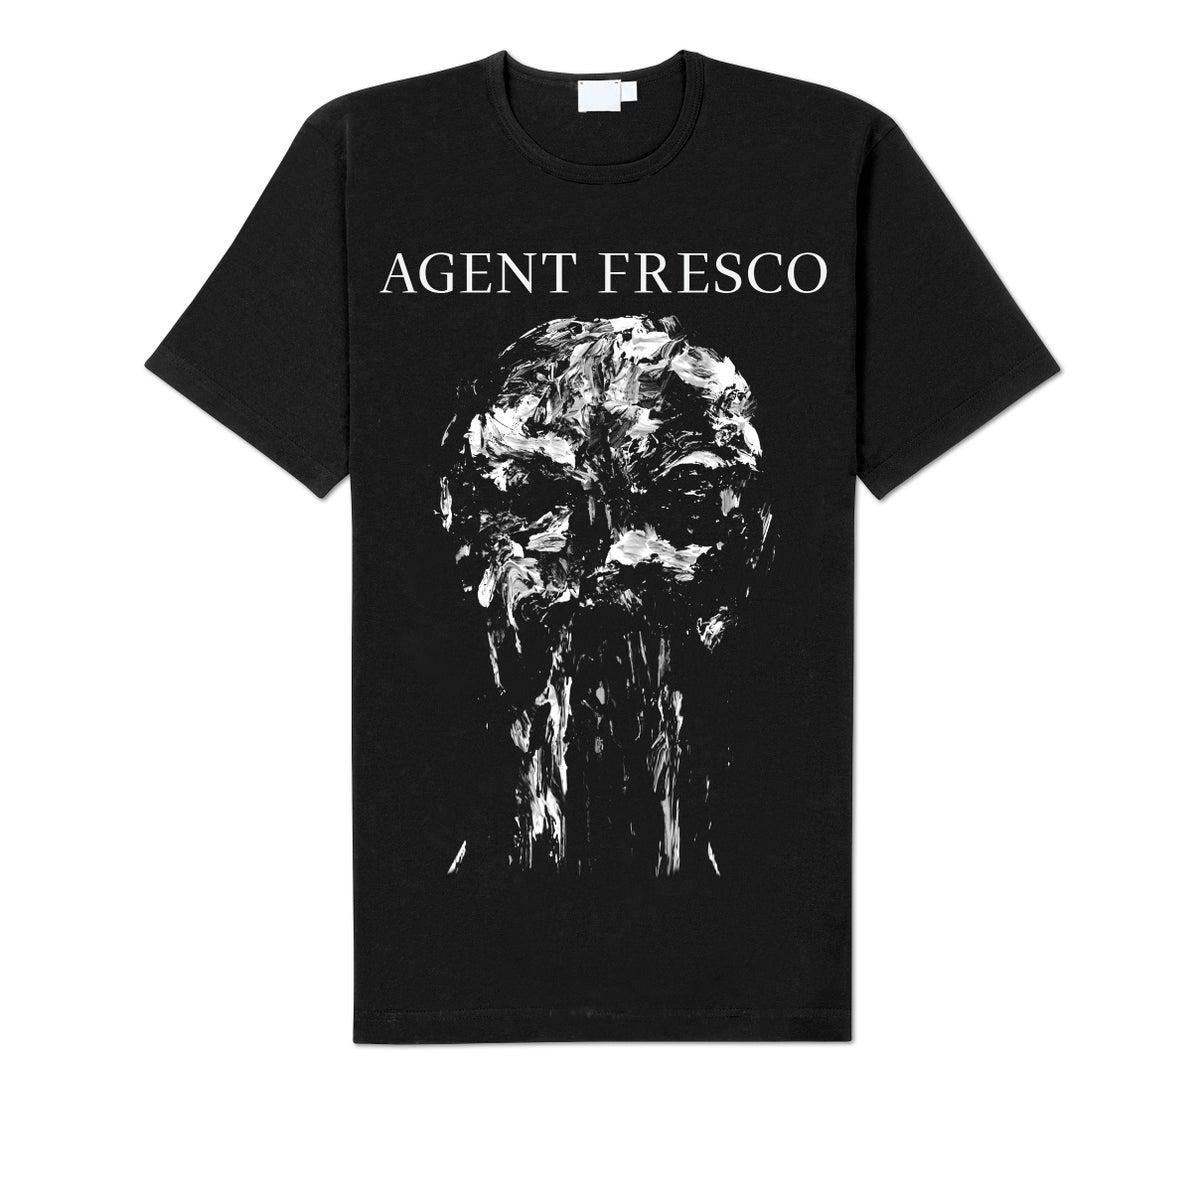 """Image of Agent Fresco """"Dark Water"""" Shirt"""